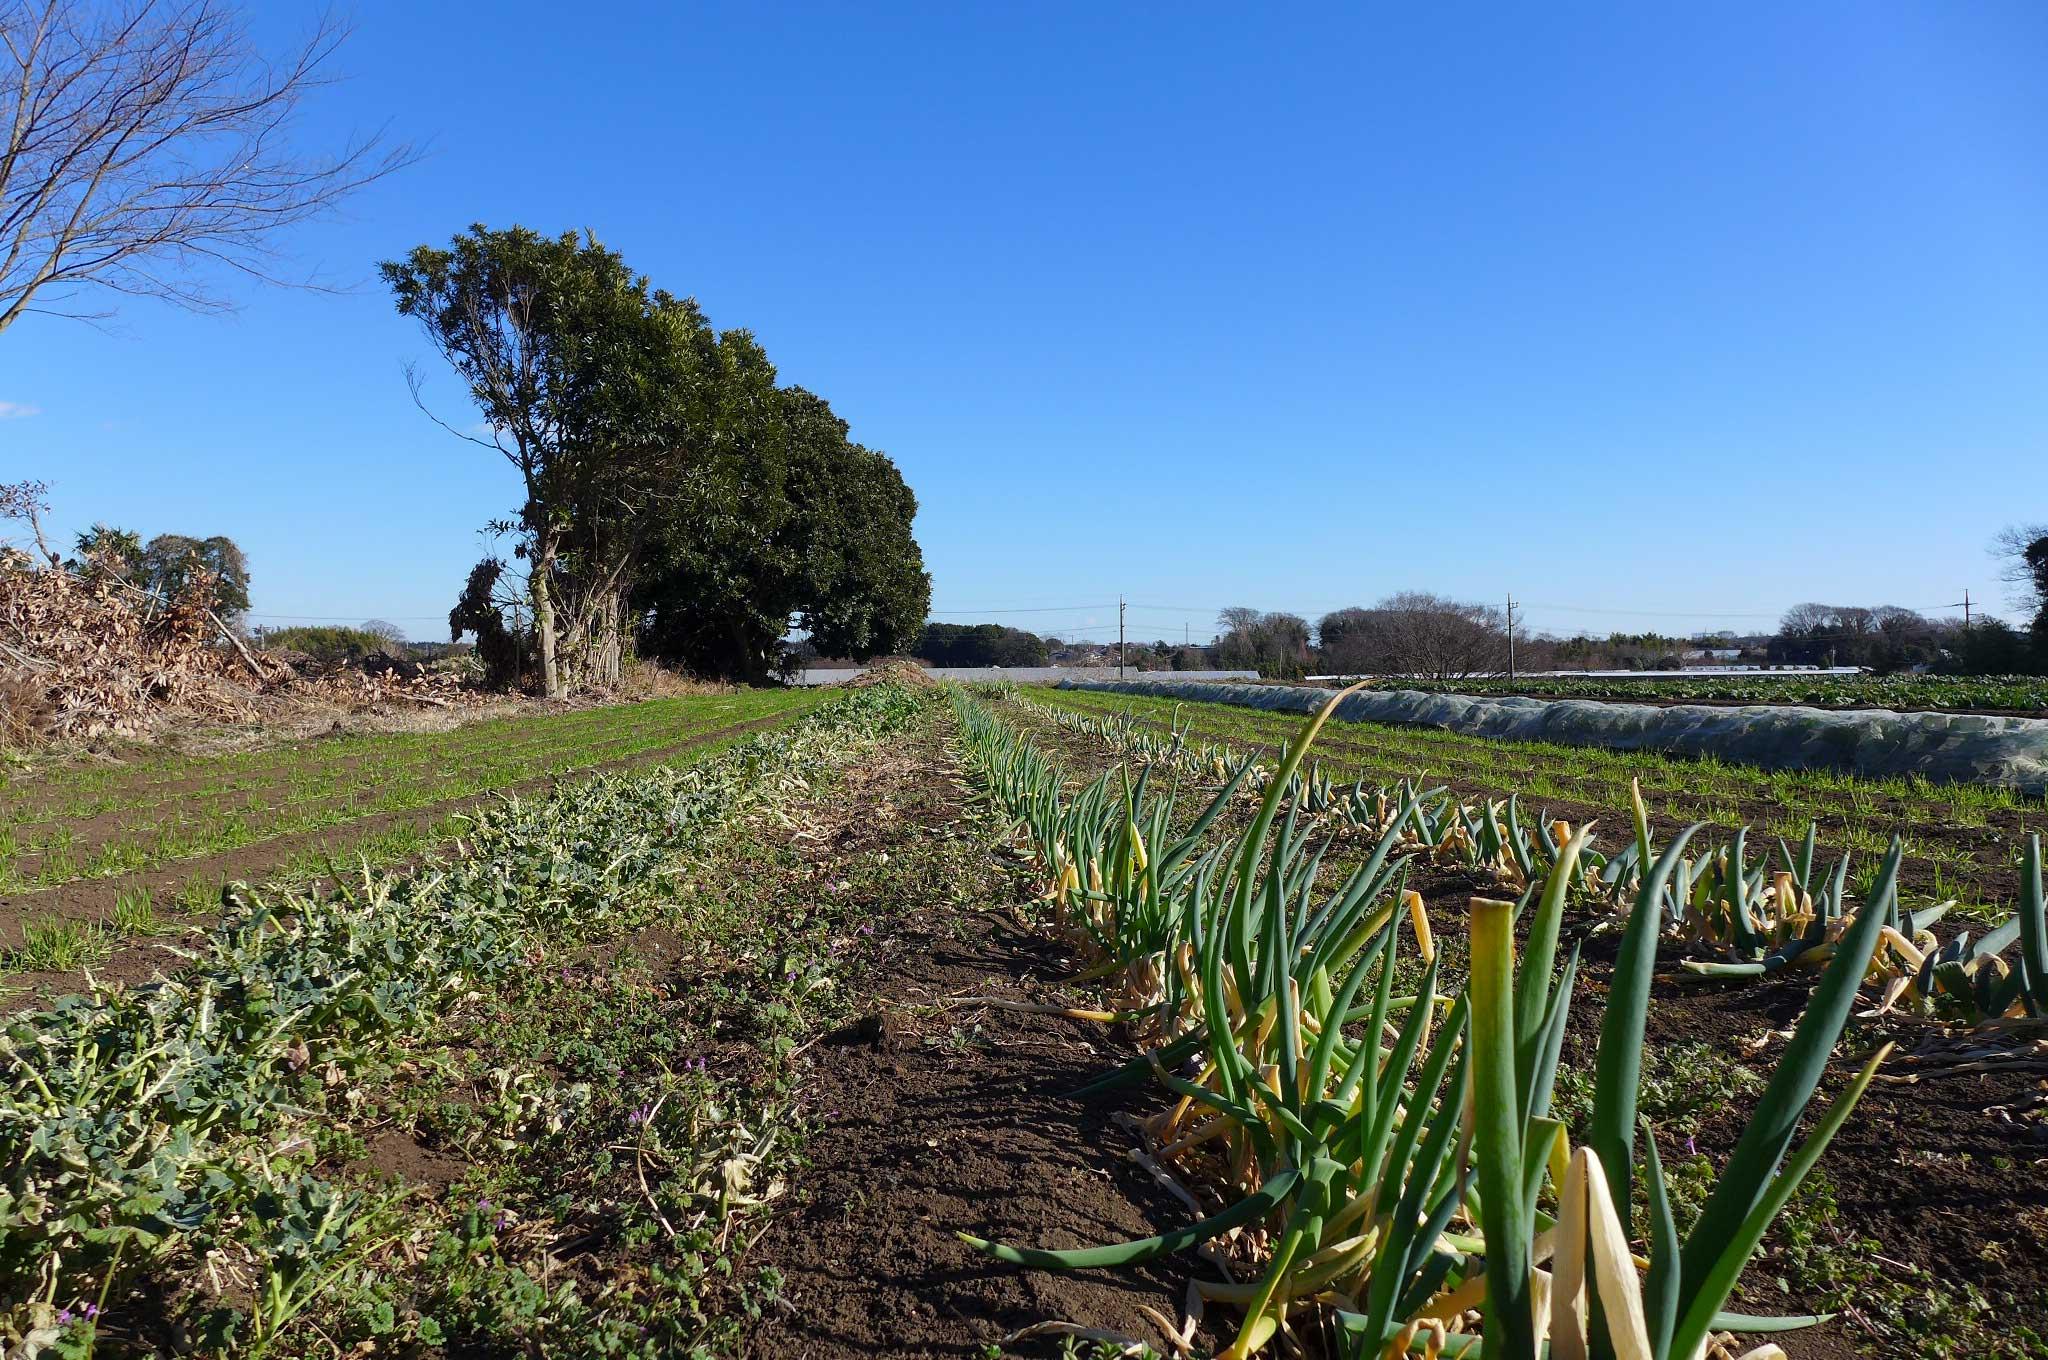 第2回「有機農業での、生産者と消費者の理想的な関わり方って?」相原 成行さん